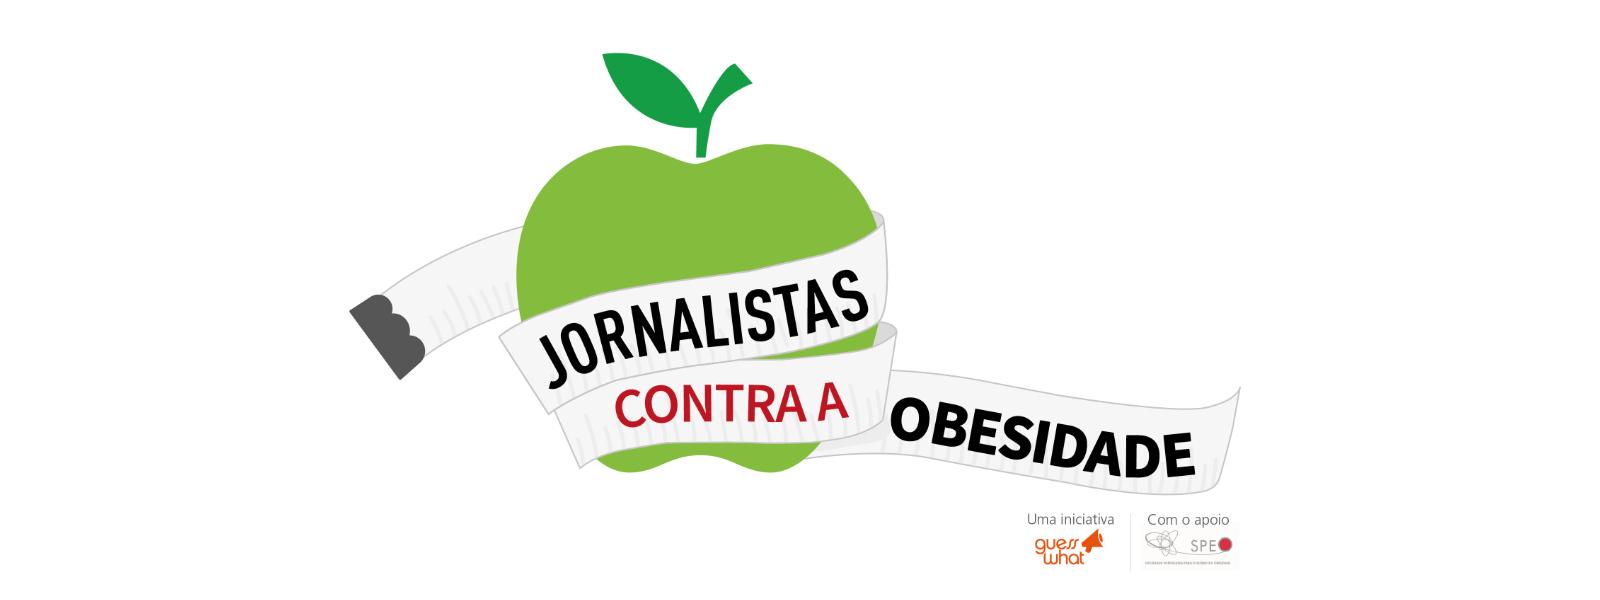 logo dos jornalistas contra a obesidade